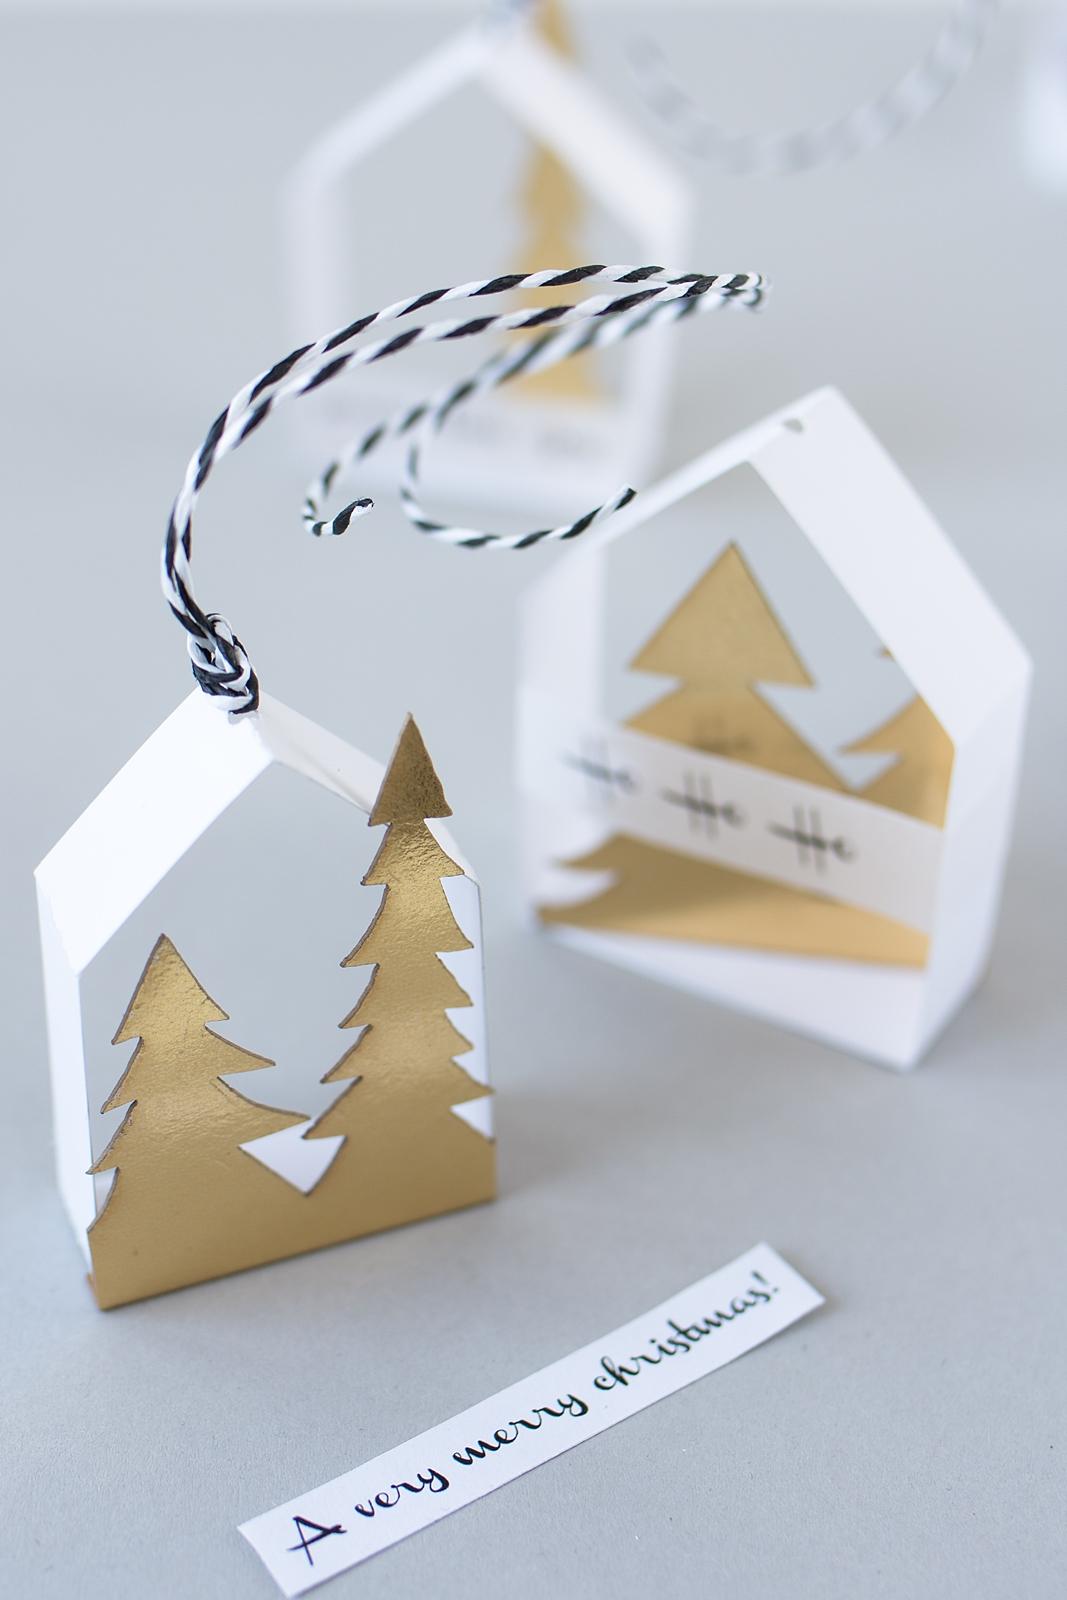 Zarte Papierhäuschen Als Baumschmuck Selbermachen.   Sinnenrausch   Der  Kreative DIY Blog Für Wohnsinnige Und Selbermacher